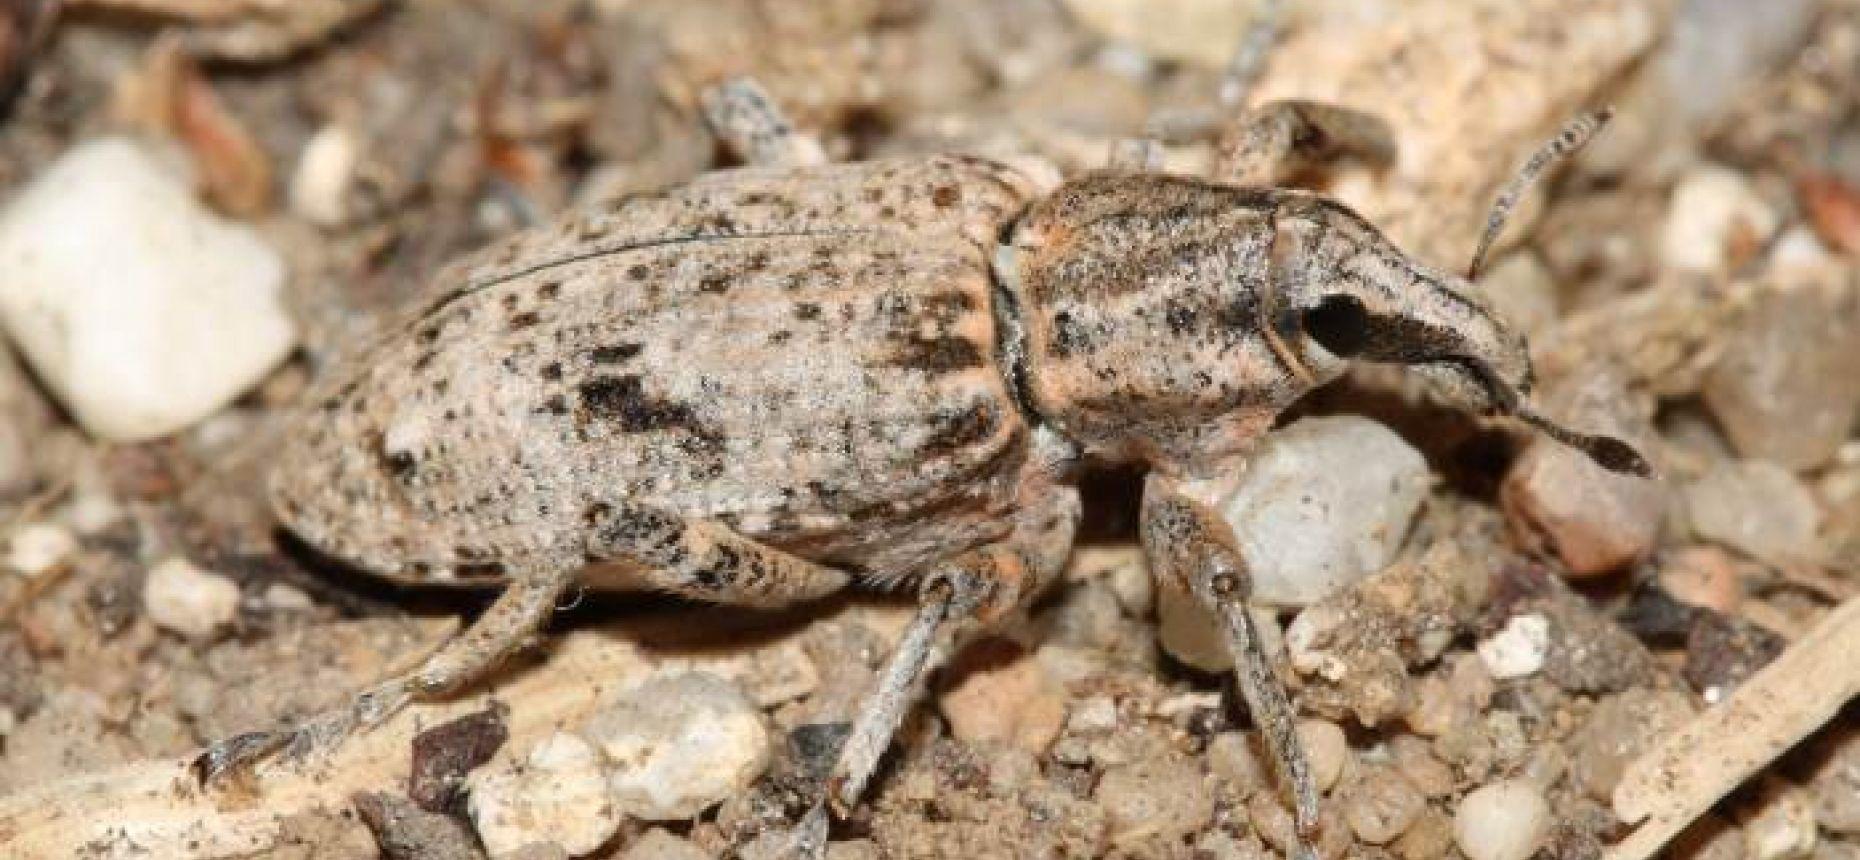 Обыкновенный свекловичный долгоносик - Bothynoderes punctiventris Germar